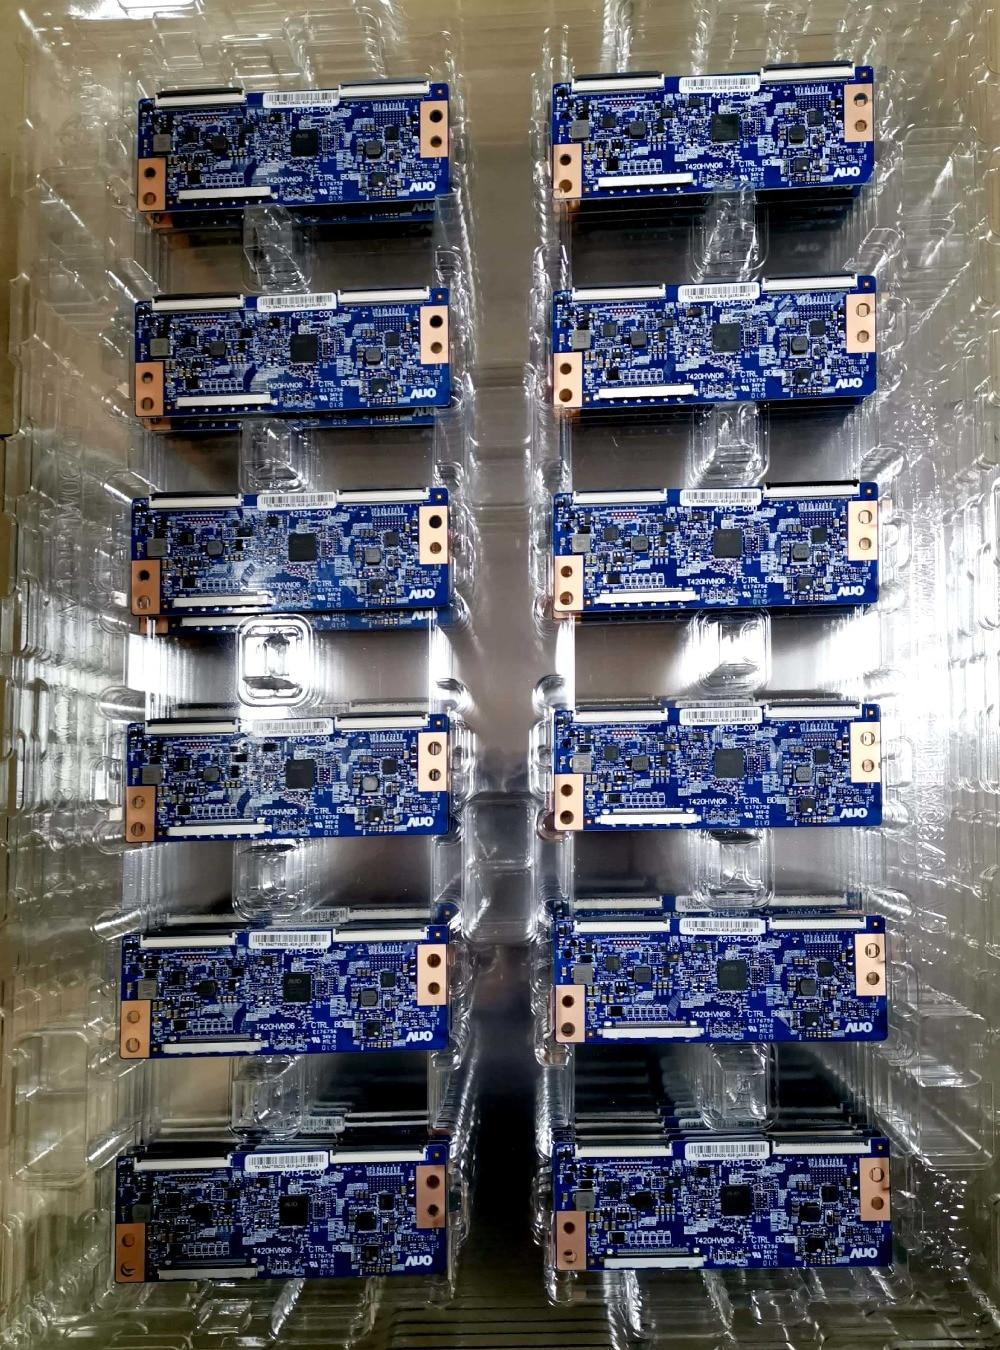 T420HVN06.2 42T34-C00 المنطق مجلس اختبار جيد الأصلي T-CON المجلس ل KDL-42W700B T420HVN06.2 42T34-C00 الشاشة T420HVF06.0